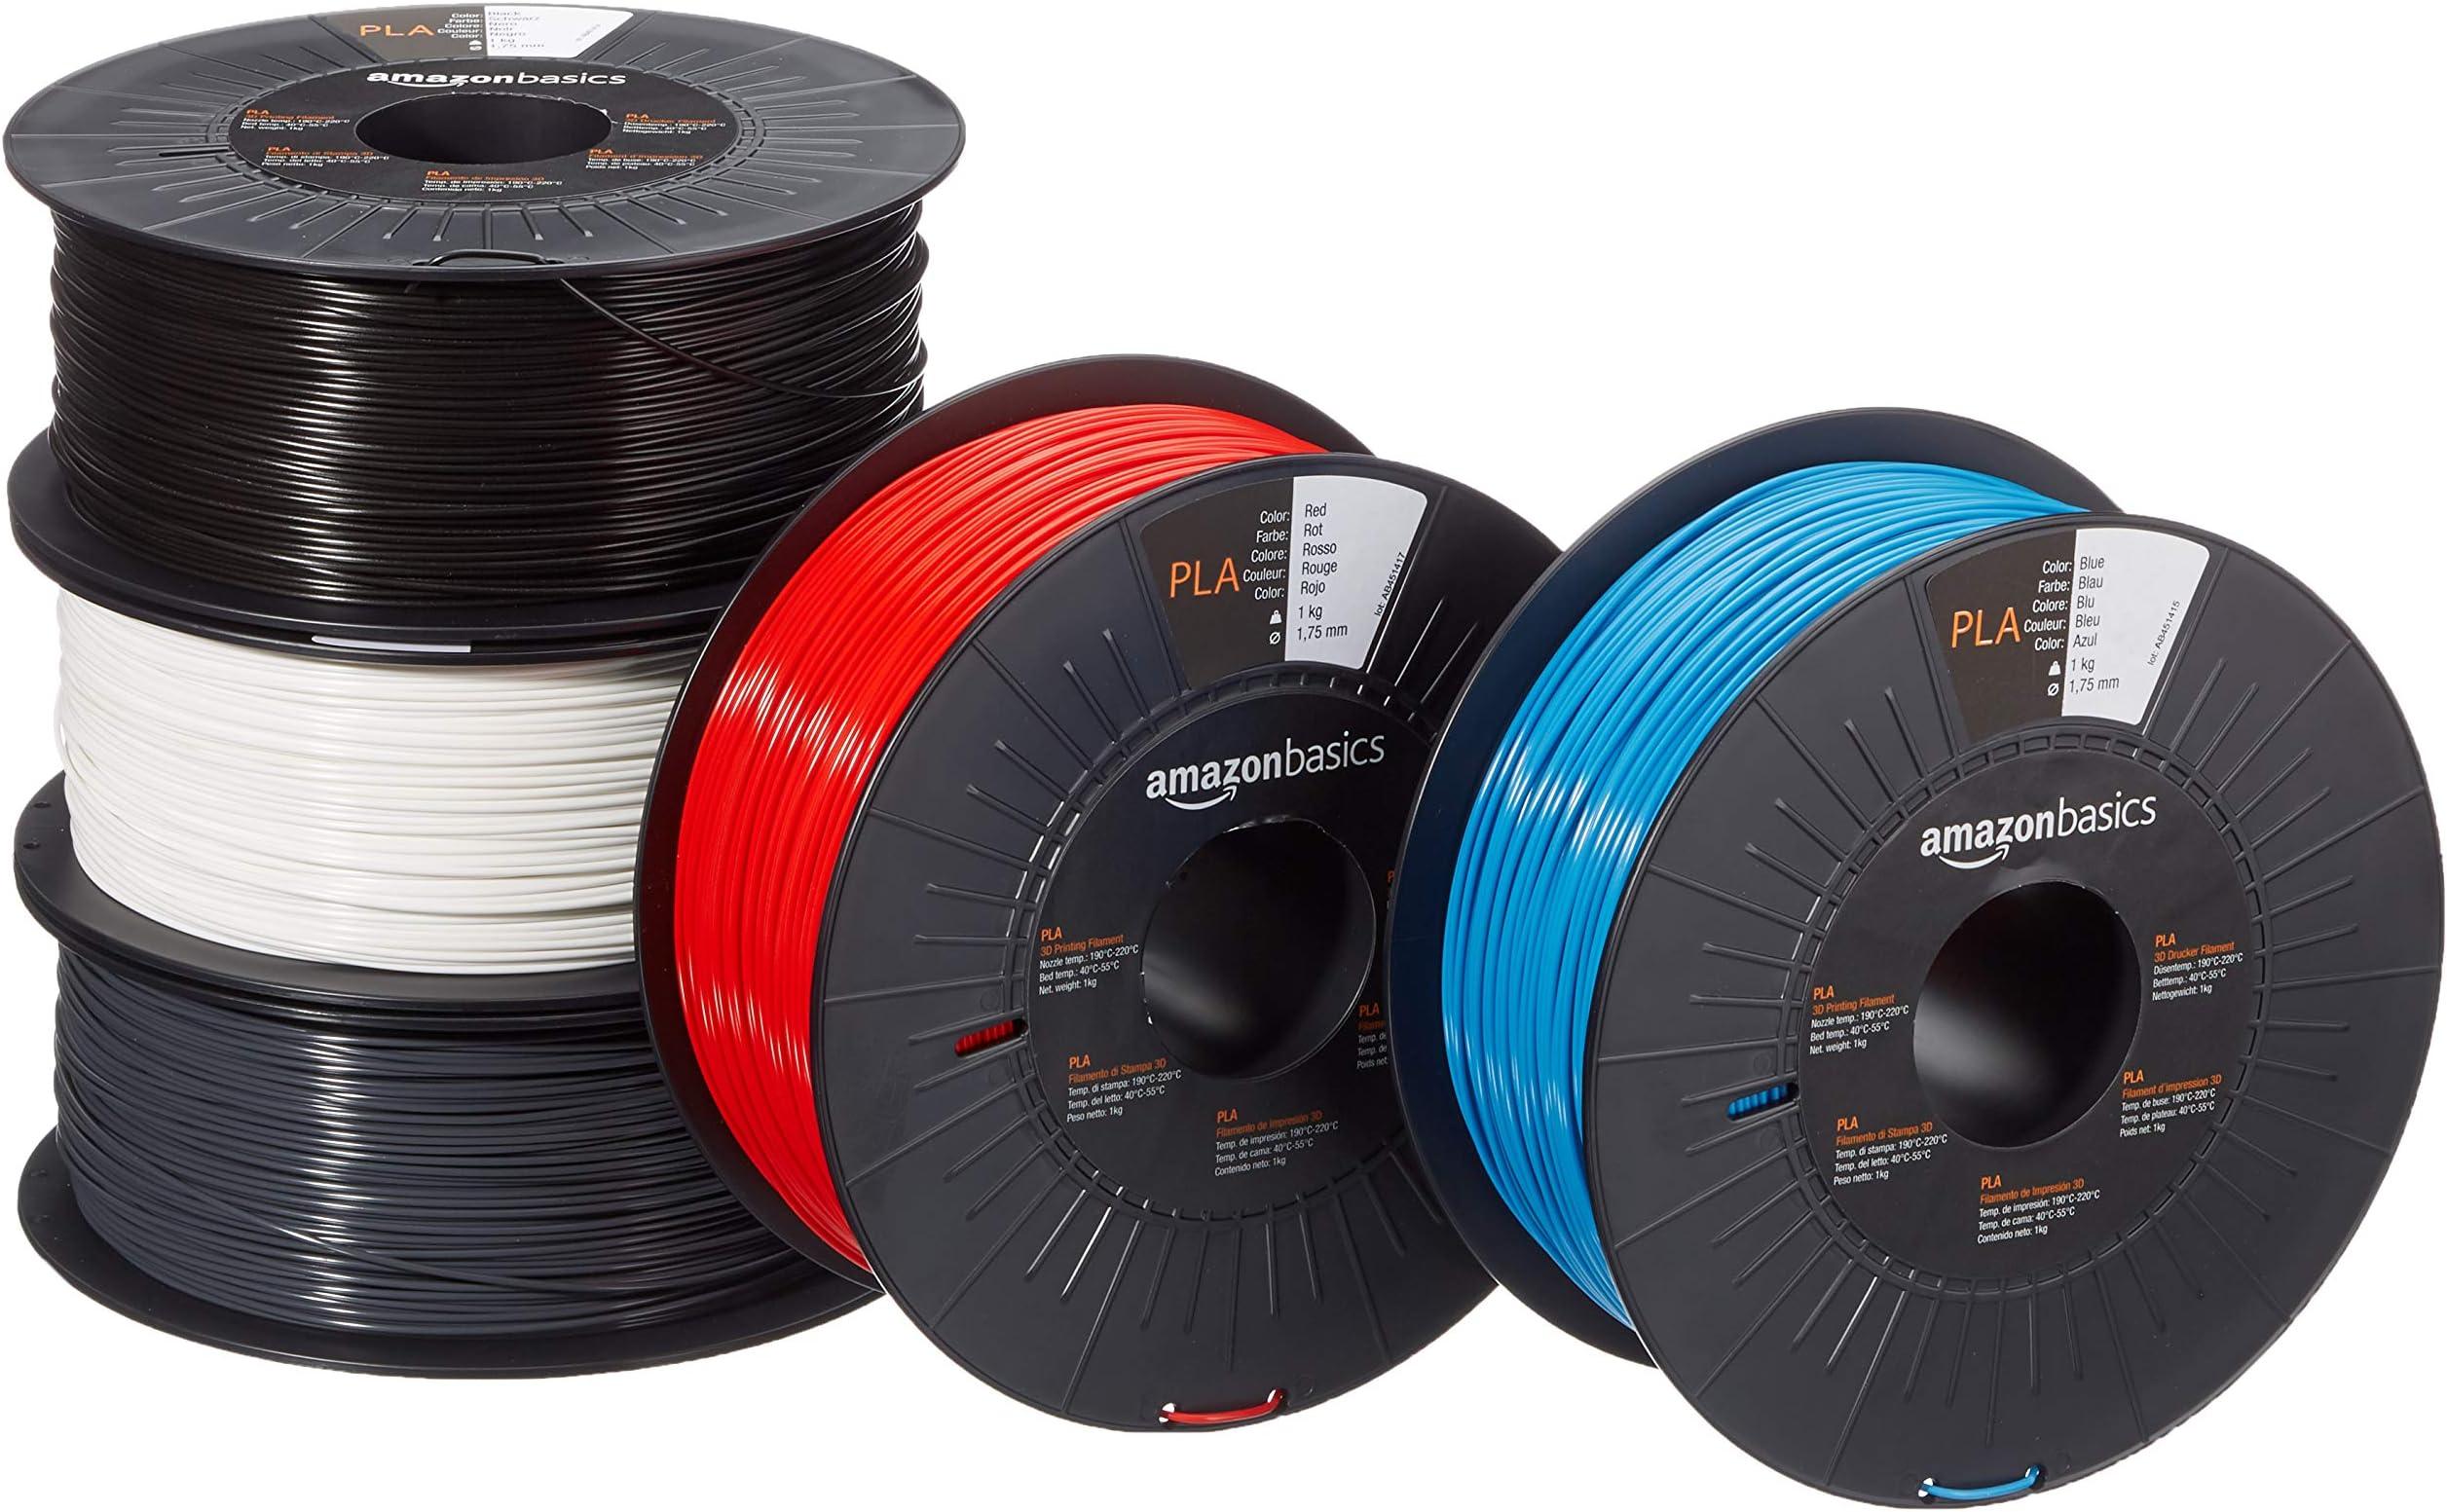 Amazon Basics PLA 3D Printer Filament, 1.75mm, 5 Assorted Colors, 1 kg per Spool, 5 Spools